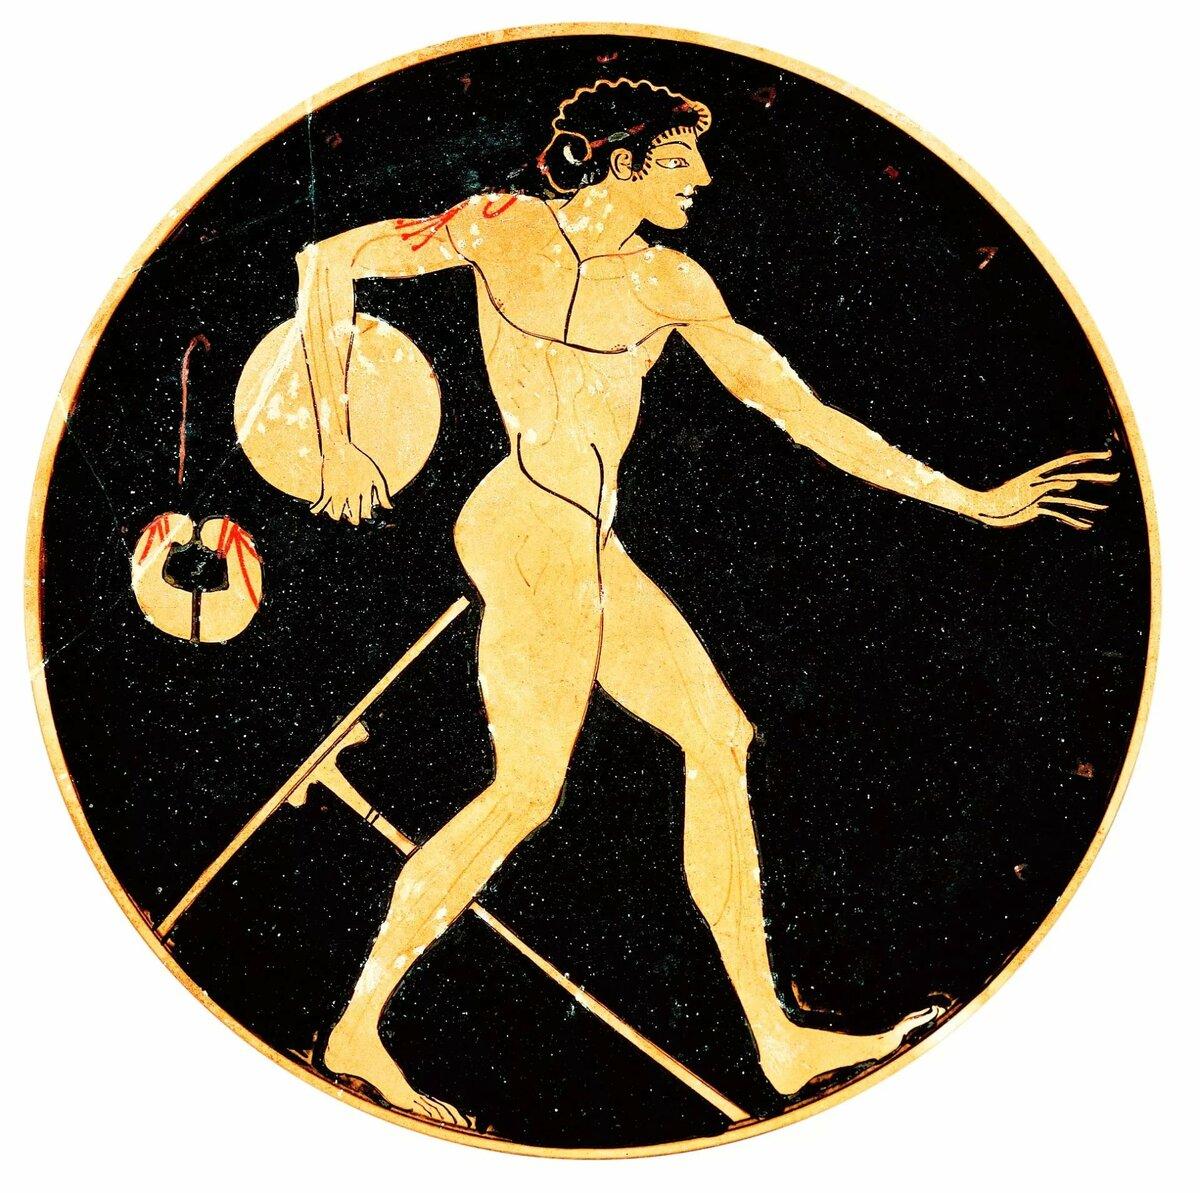 год-два мифы древней греции олимпийские игры картинки представил множество